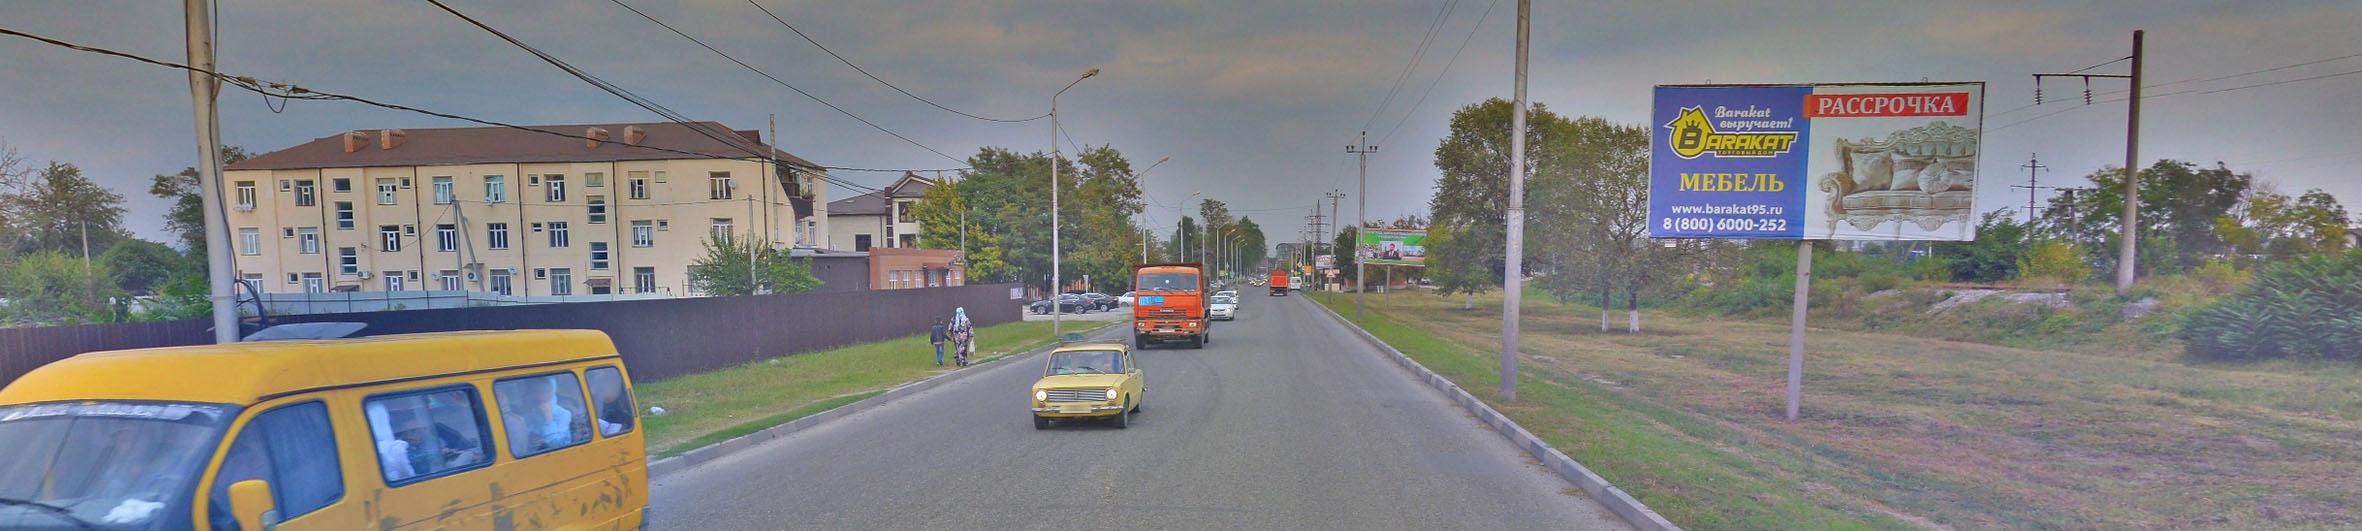 Реклама на билбордах в Чеченской Республике Чечня